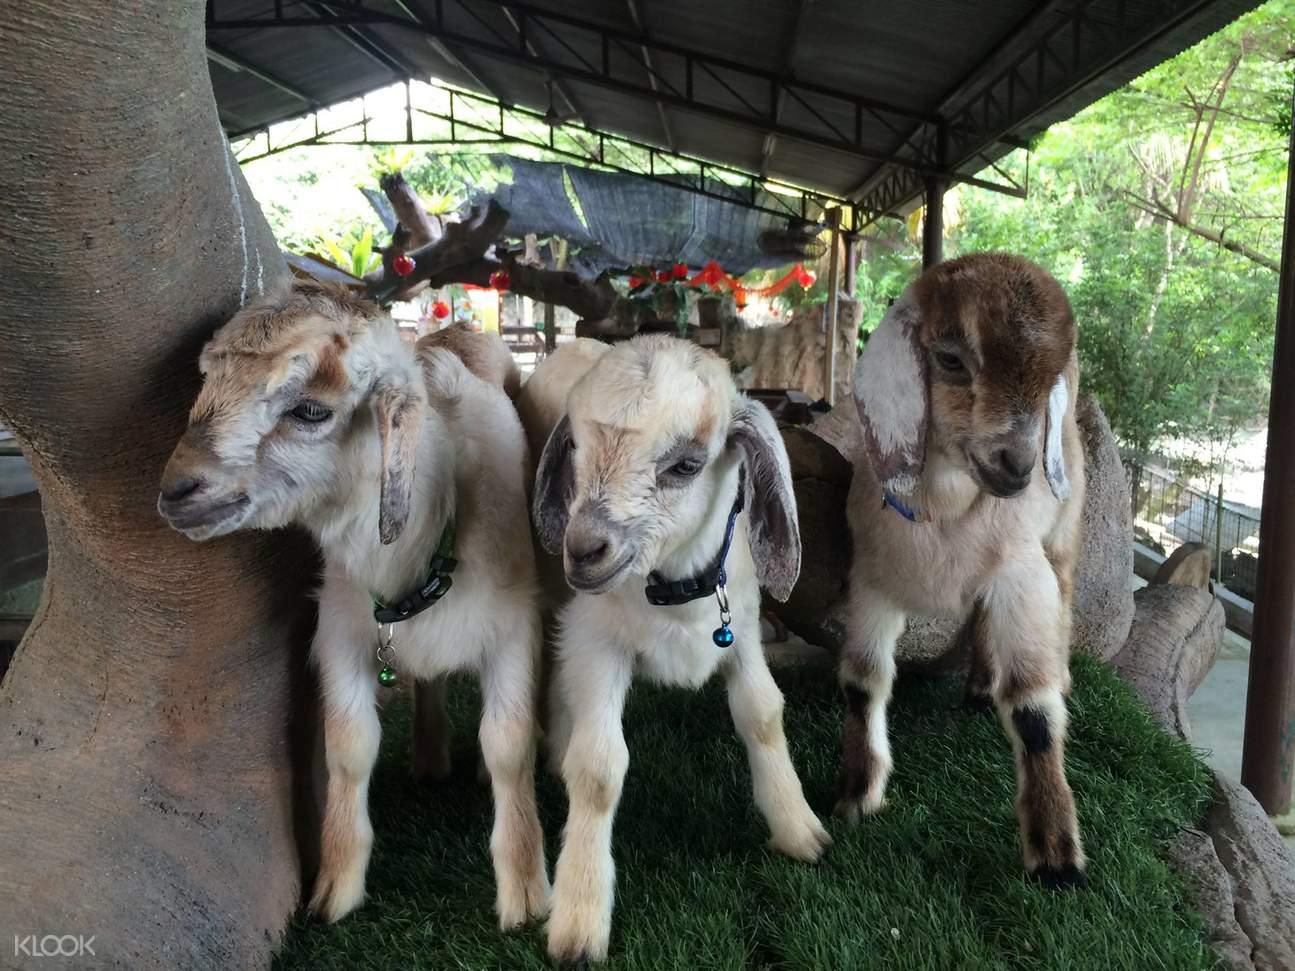 吉隆坡动物园,城の农场,城之农场,吉隆坡一日游,吉隆坡亲子,吉隆坡羊驼,动物园农场